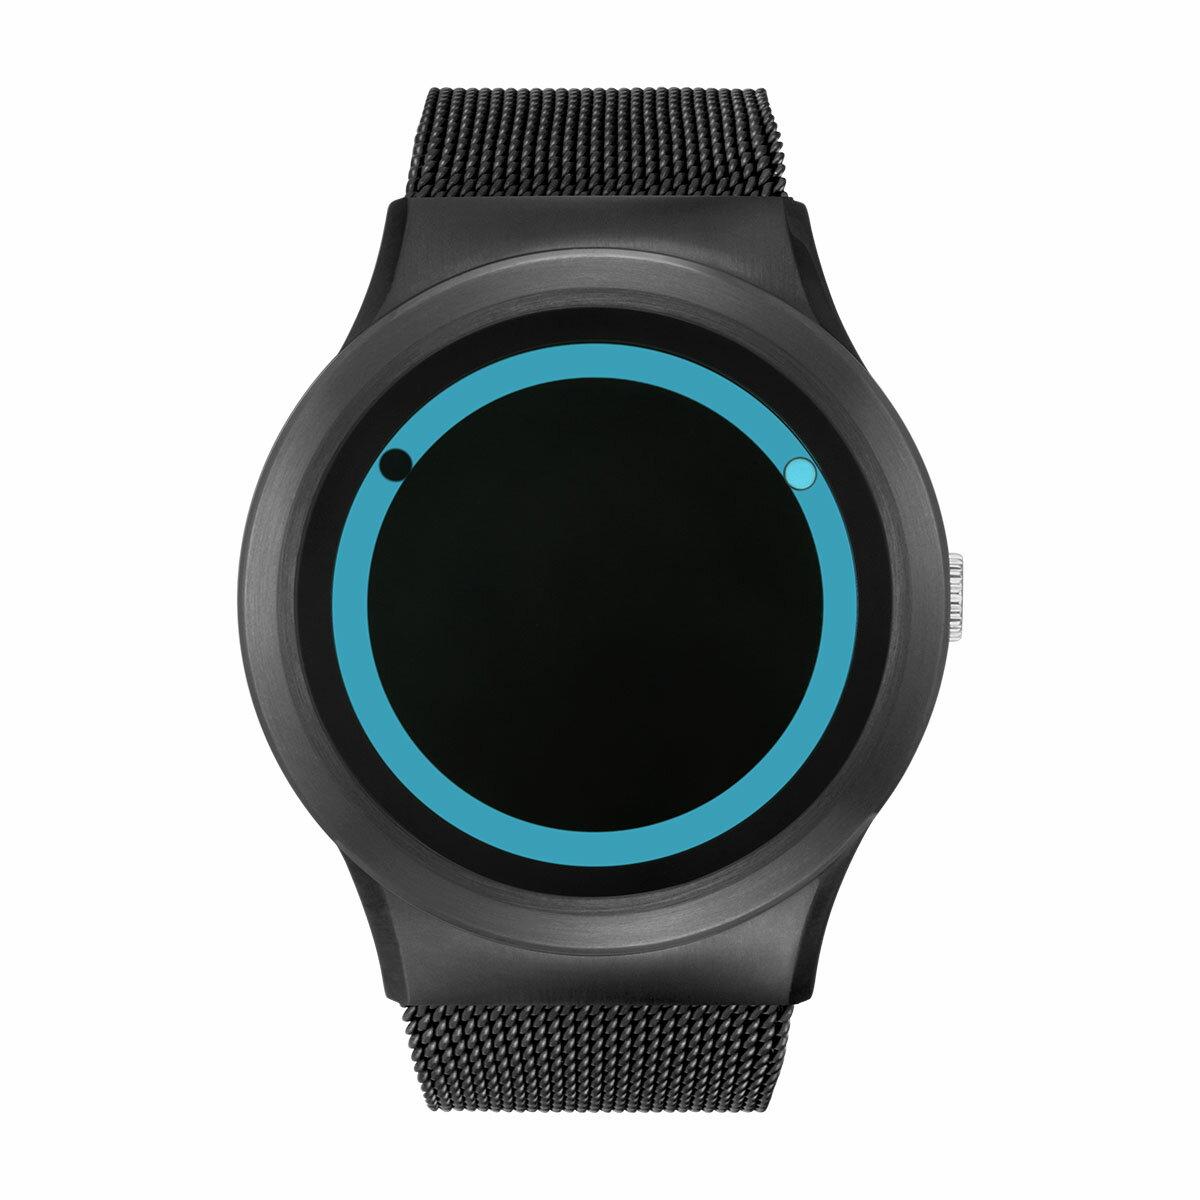 ZEROO PLANET ECLIPSE ゼロ 電池式クォーツ 腕時計 [W13027B03SM03] ブルー デザインウォッチ ペア用 メンズ レディース ユニセックス おしゃれ時計 デザイナーズ